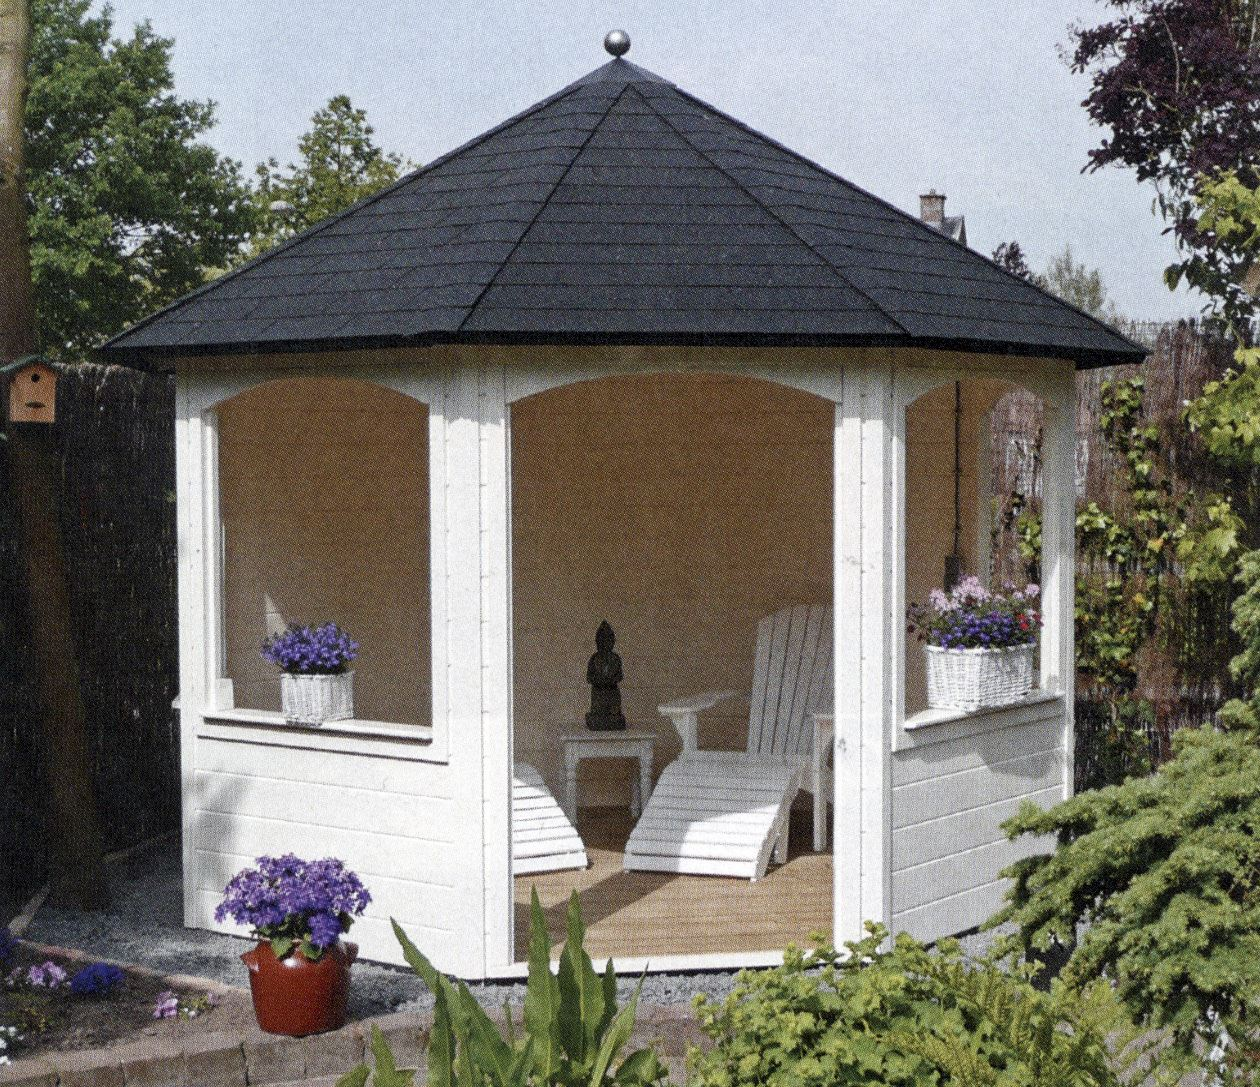 Blokwood het resultaat tuinhuis cottage terrasoverkapping carport prieel garage schuur - Kleine prieel ...